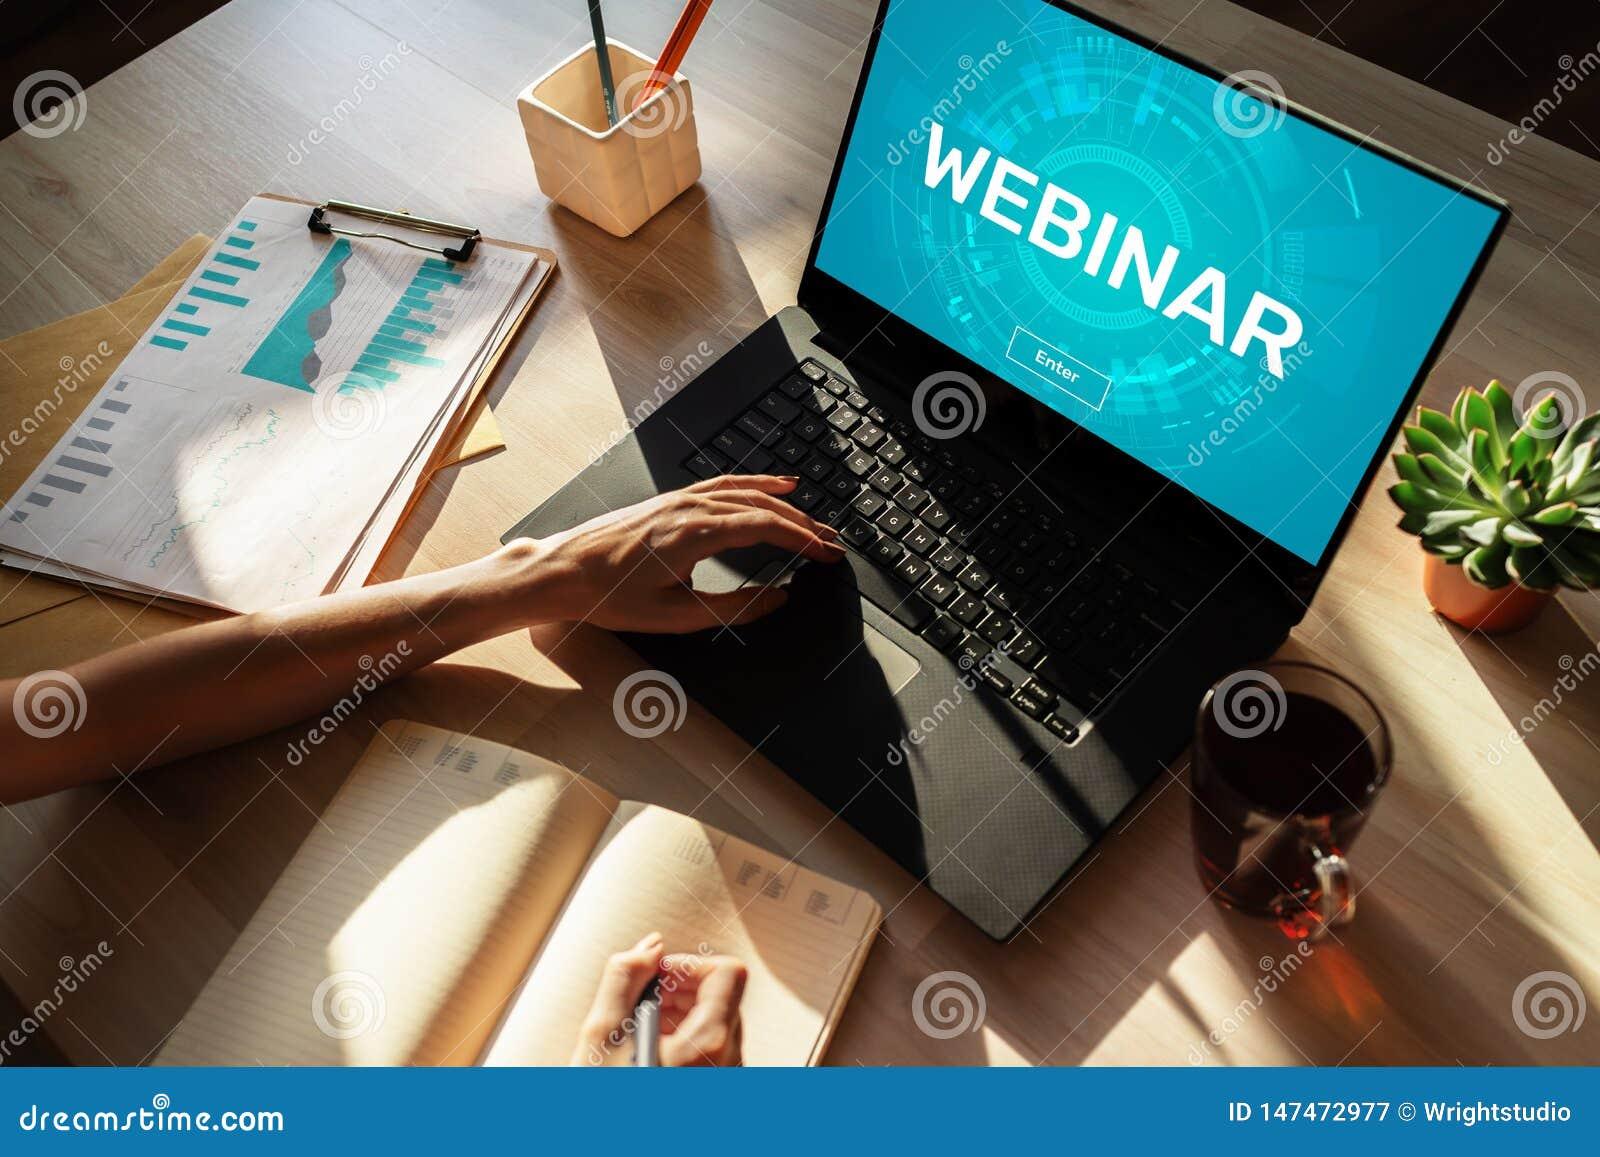 Webinar Edukacja, nauczanie online, Biznesowa nauka i og?oszenie towarzyskie rozwoju poj?cie,